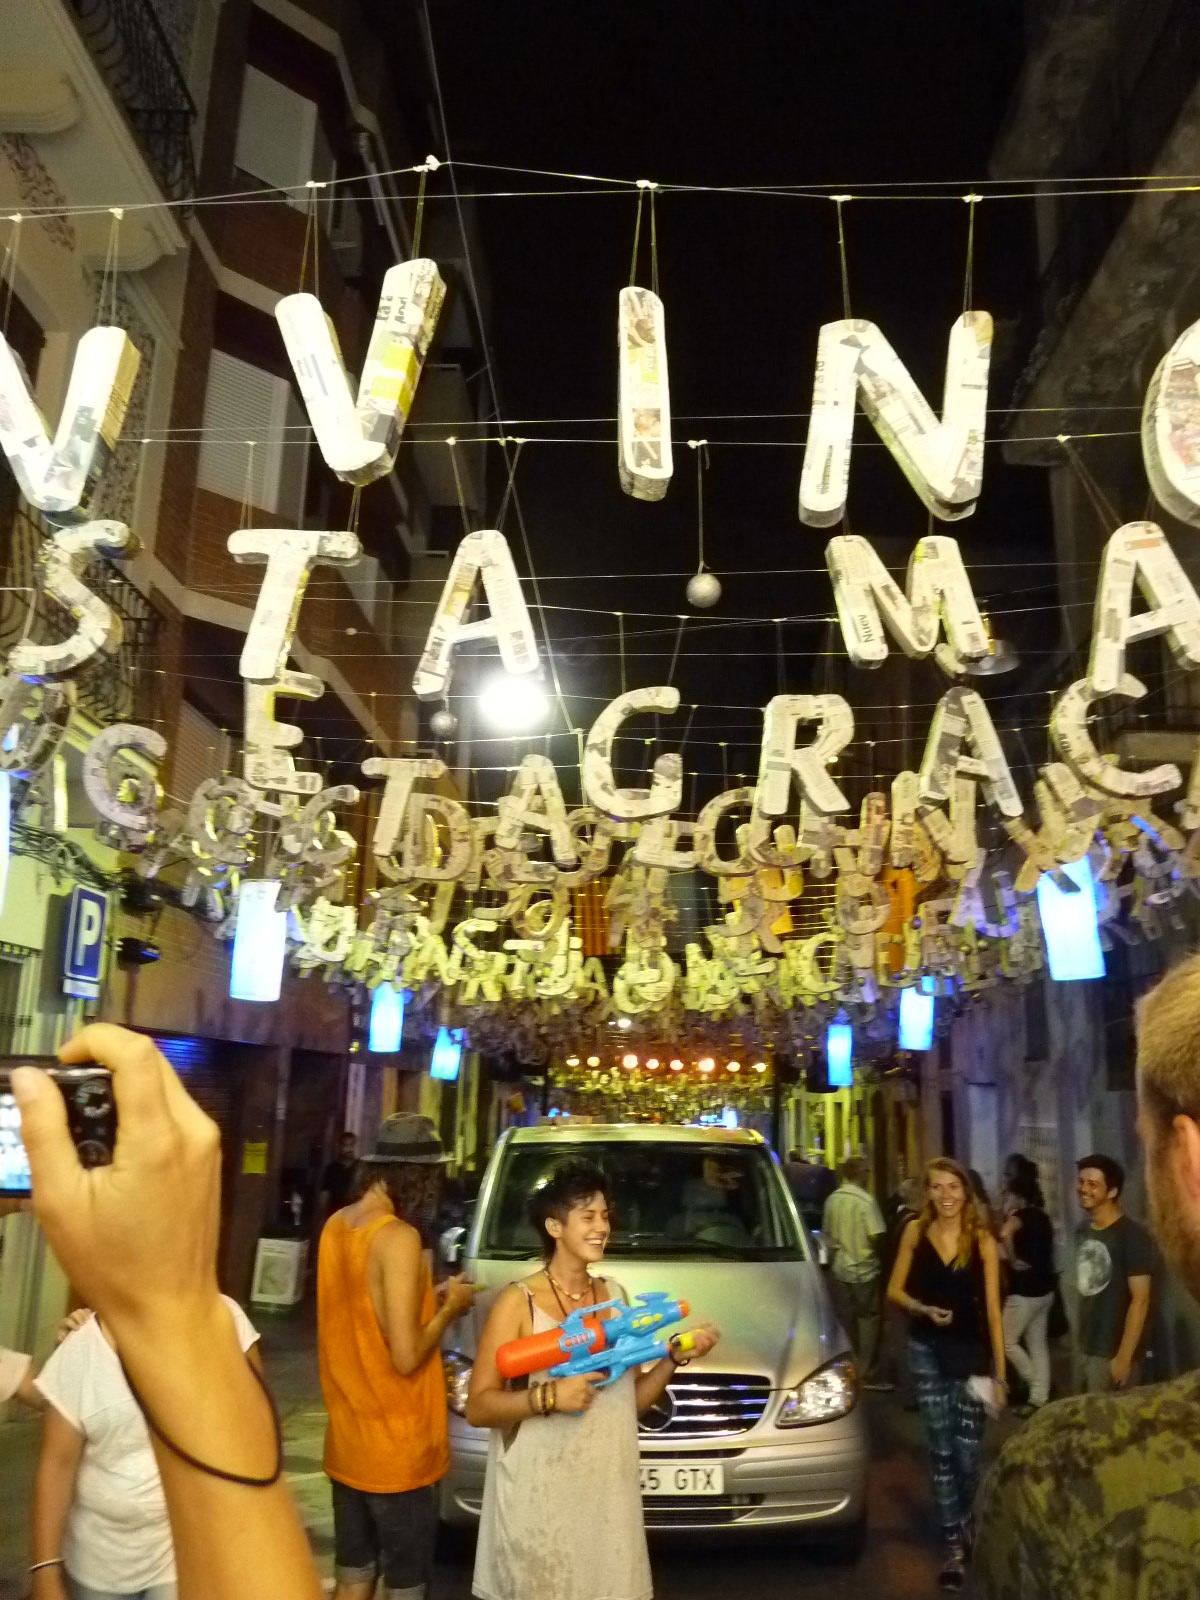 Festival-Gracia-Alphabet-Street-e1377425823271.jpg